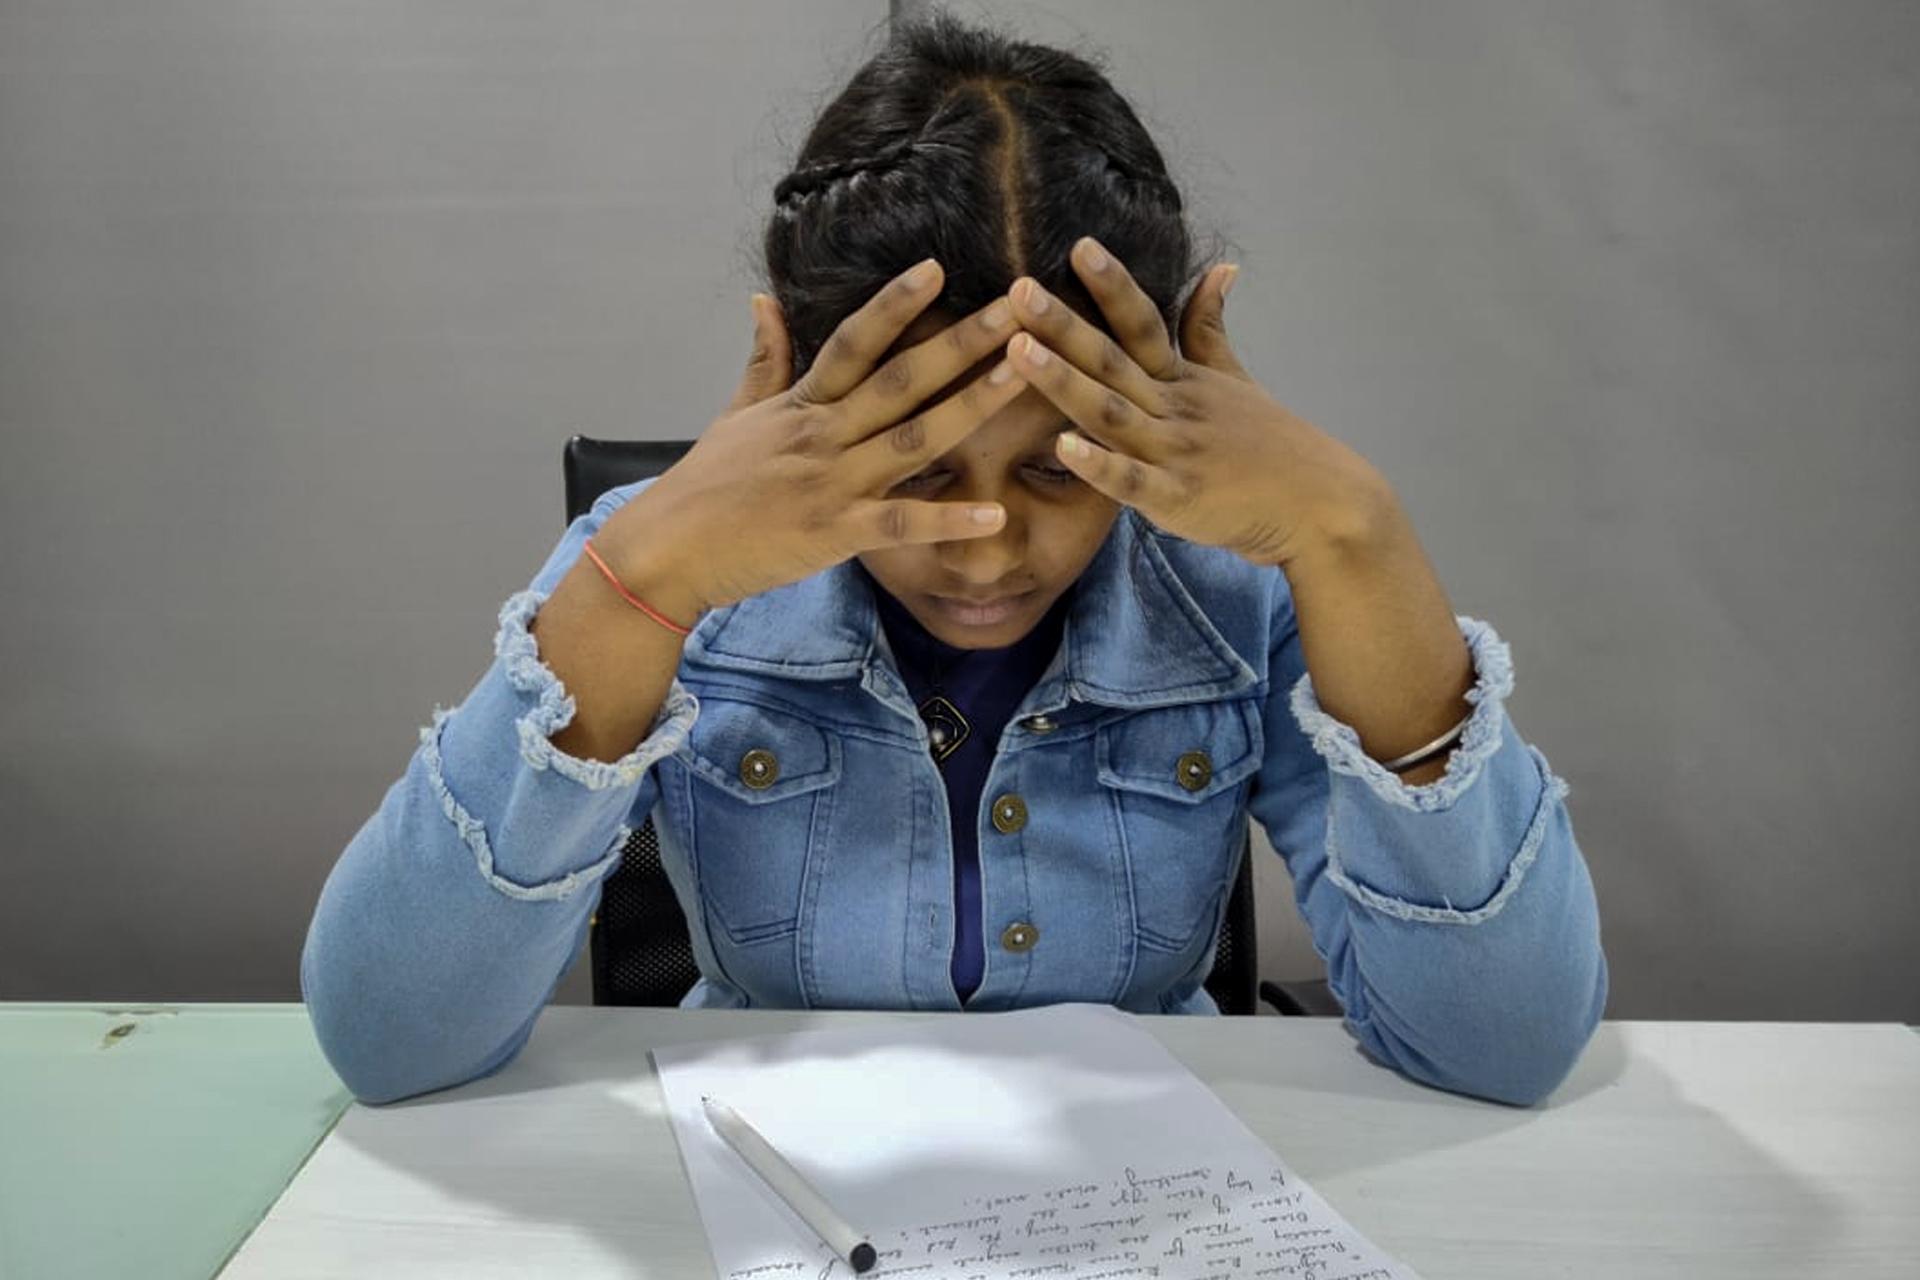 Pandemic puts pupils in peril